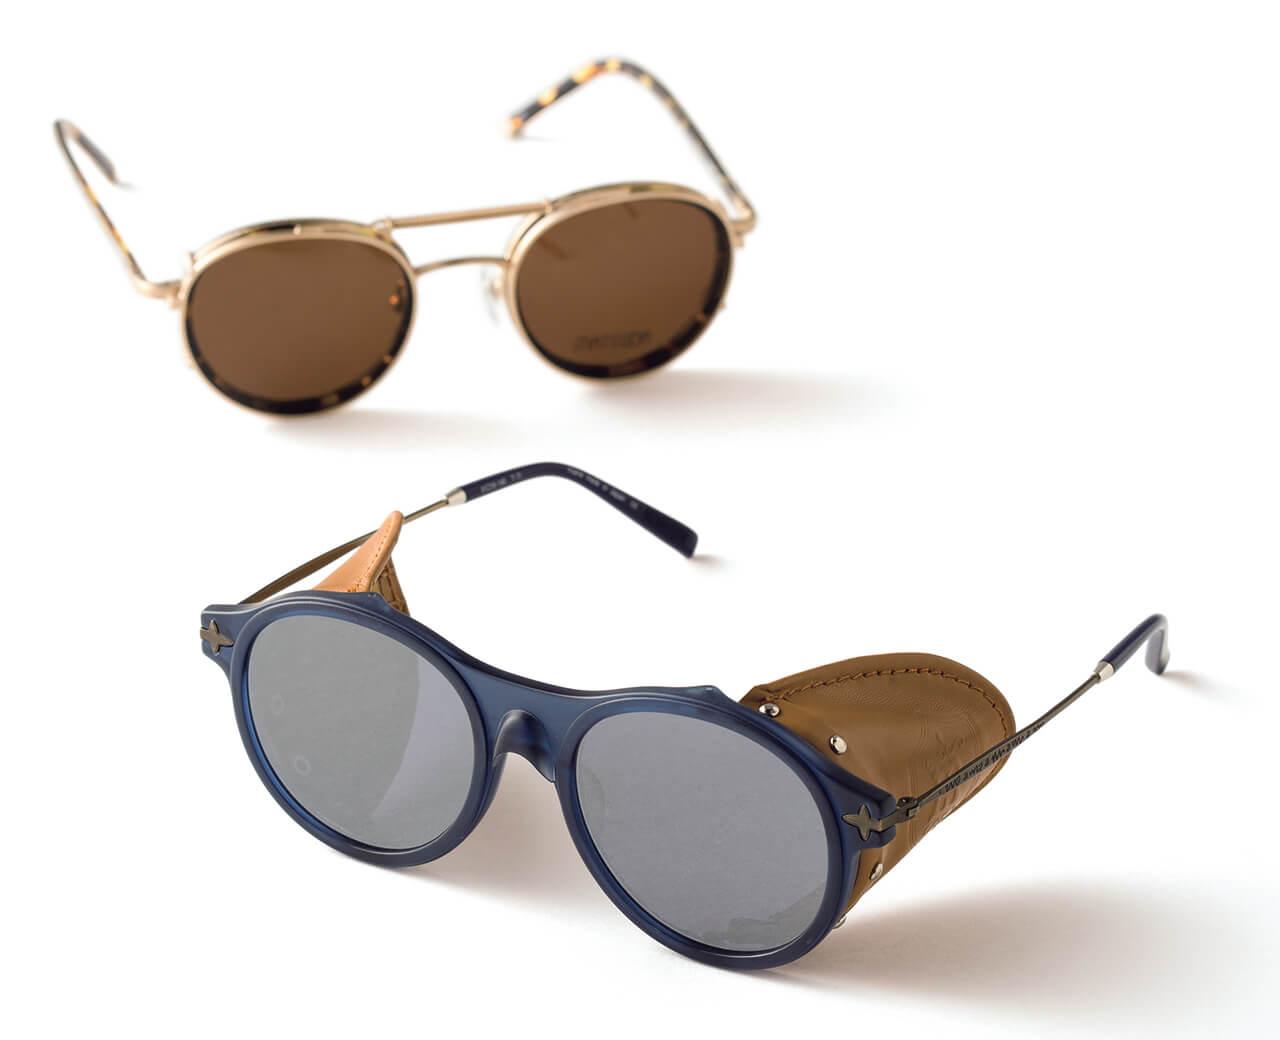 大人のオトコにオススメしたい知る人ぞ知る世界で注目の「MATSUDA」のサングラス【Style in motion 040】